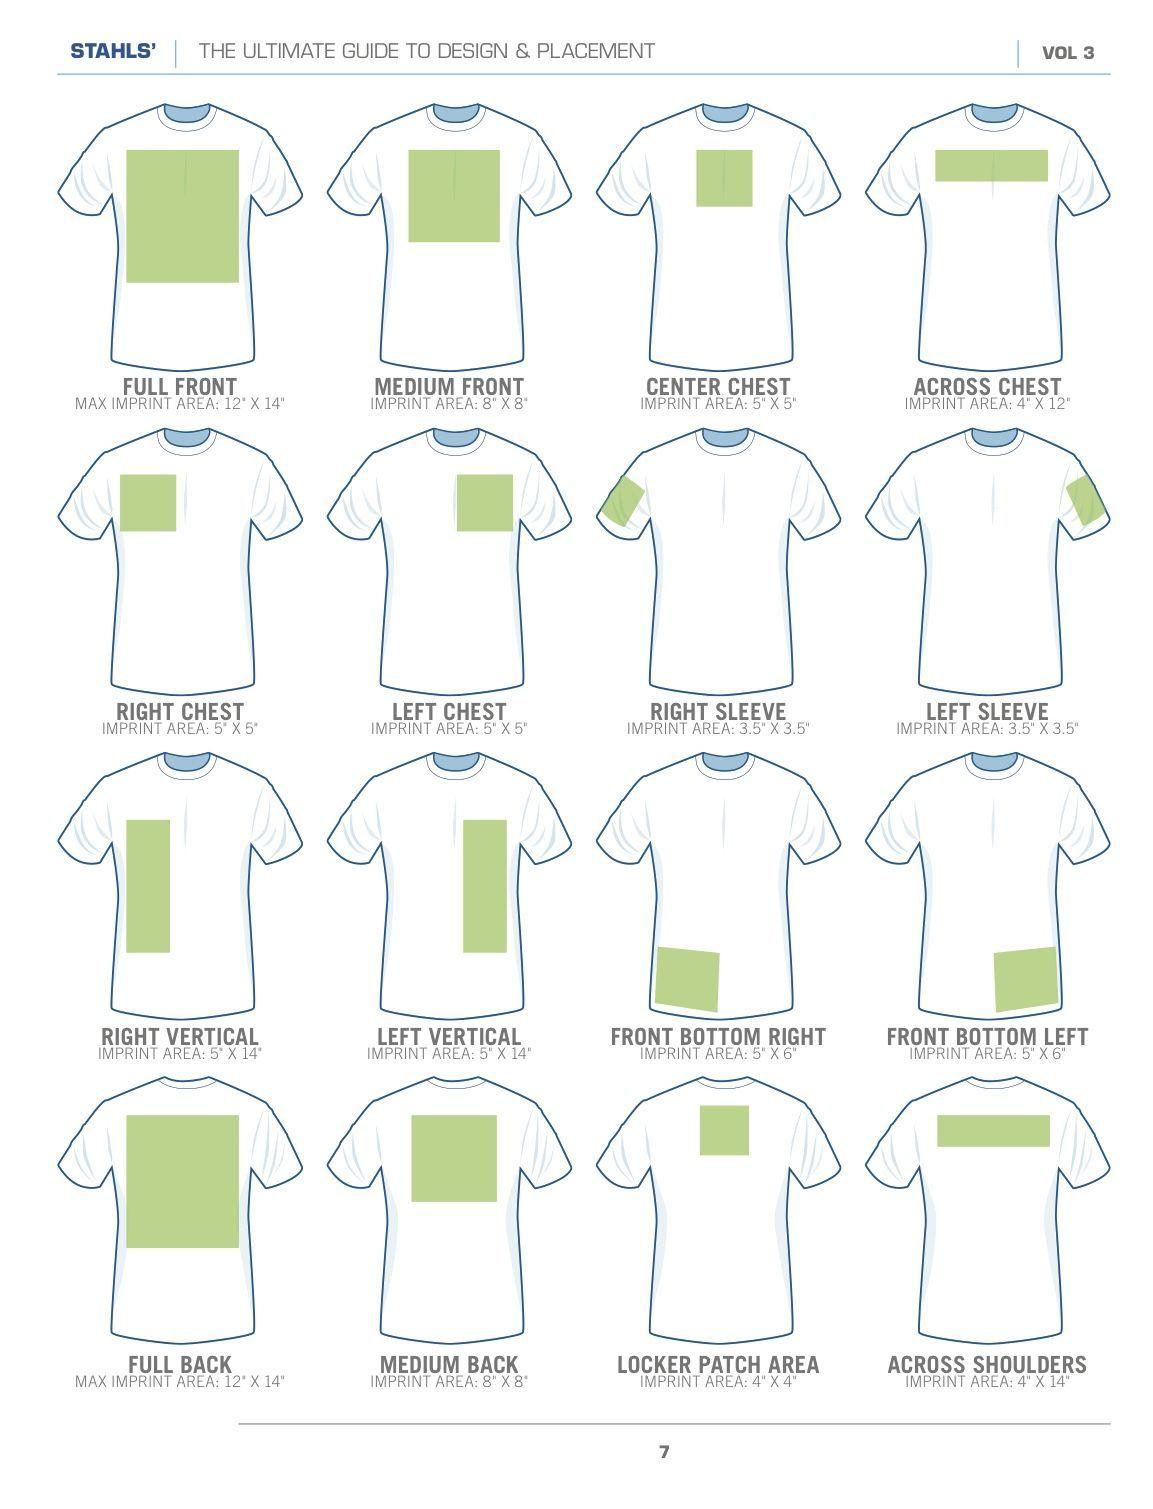 saying shirts